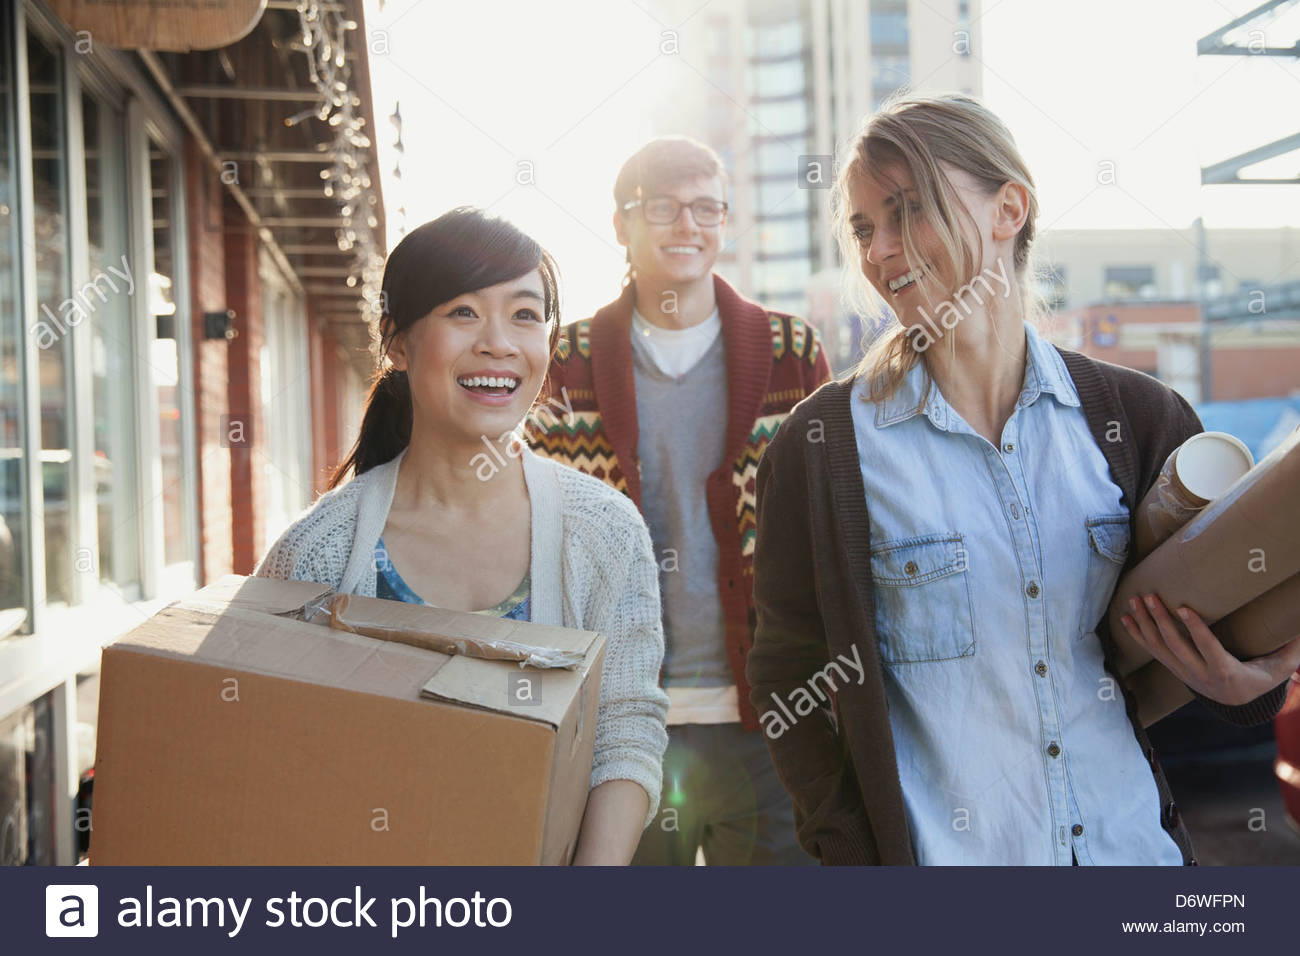 Los profesionales del diseño felices llevando paquetes Imagen De Stock